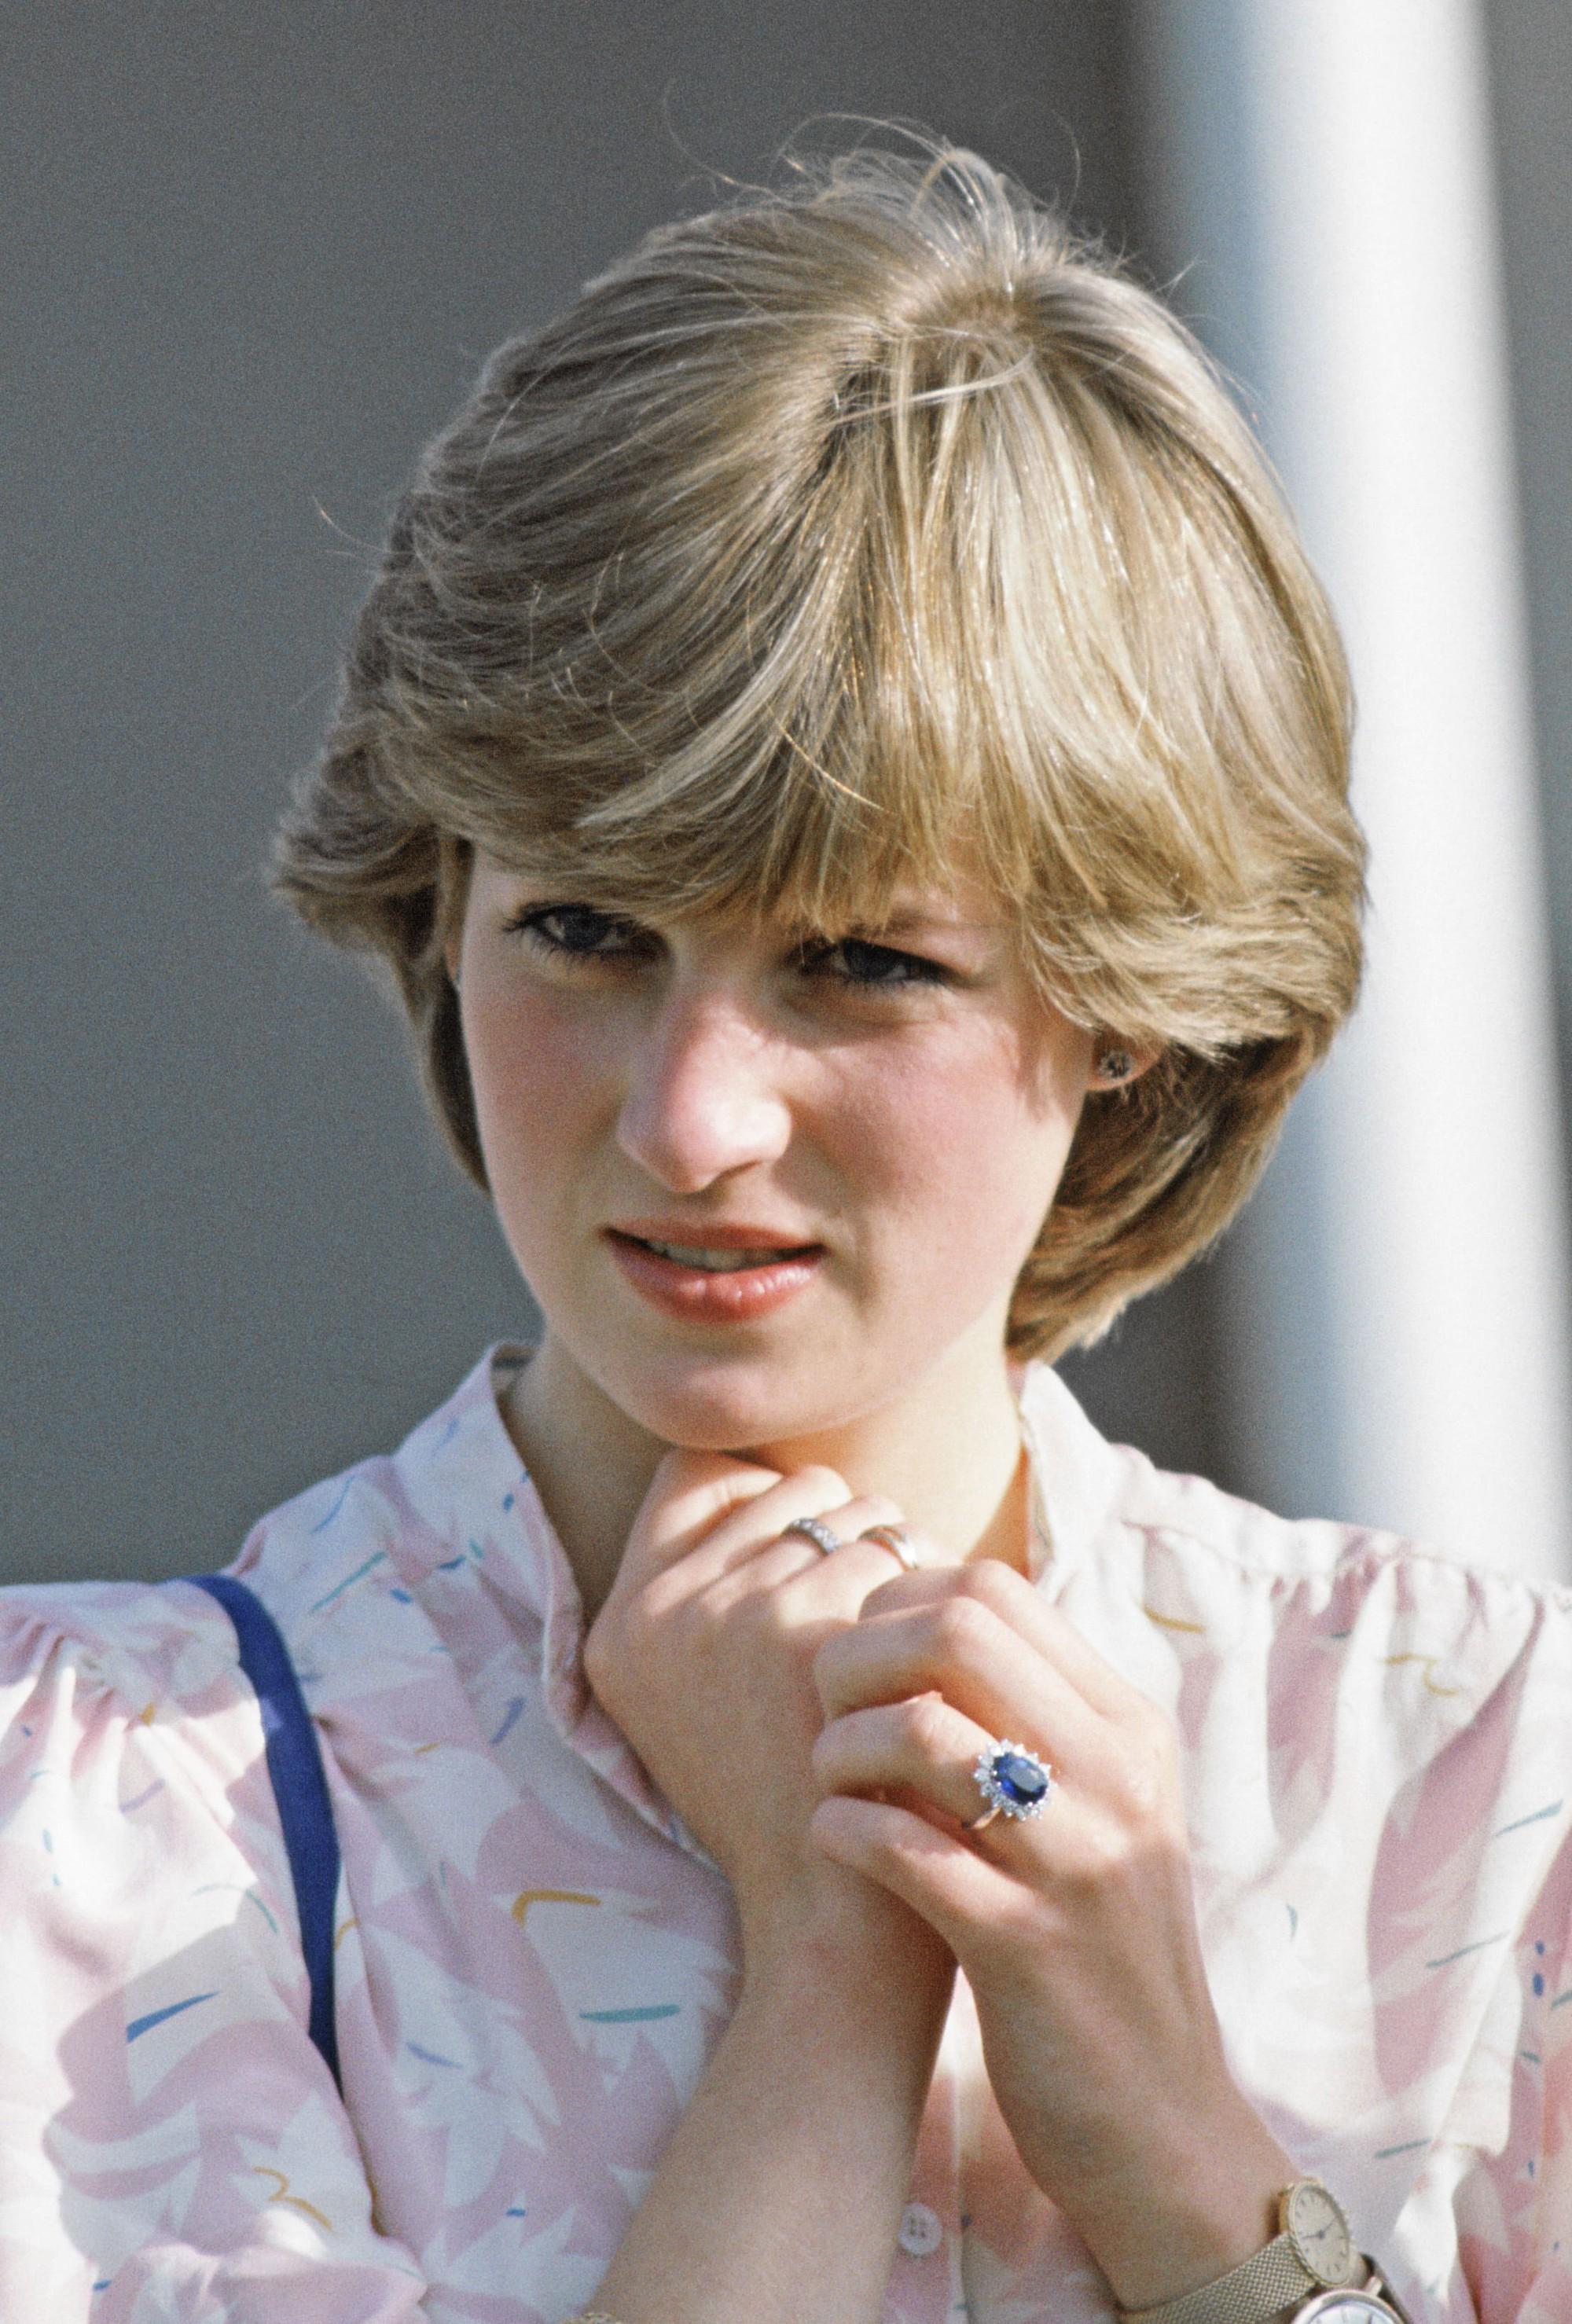 8 bí mật đằng sau phong cách của Công nương Diana sẽ khiến bạn càng nể phục sự tinh tế của bà - Ảnh 1.